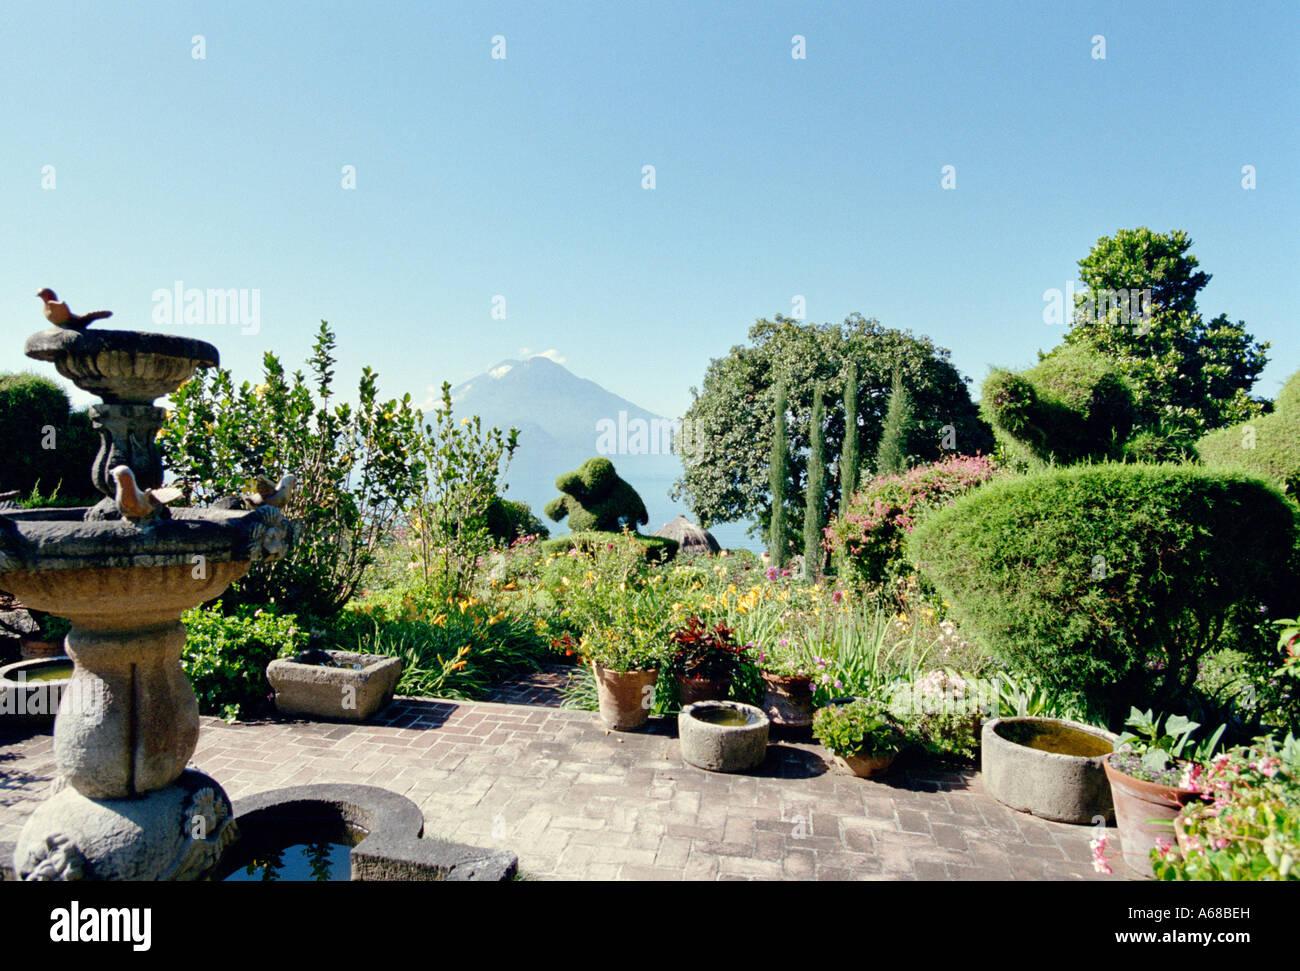 Gardens and lake at Hotel Atitlan, Santiago, Atitlan, Guatemala. - Stock Image